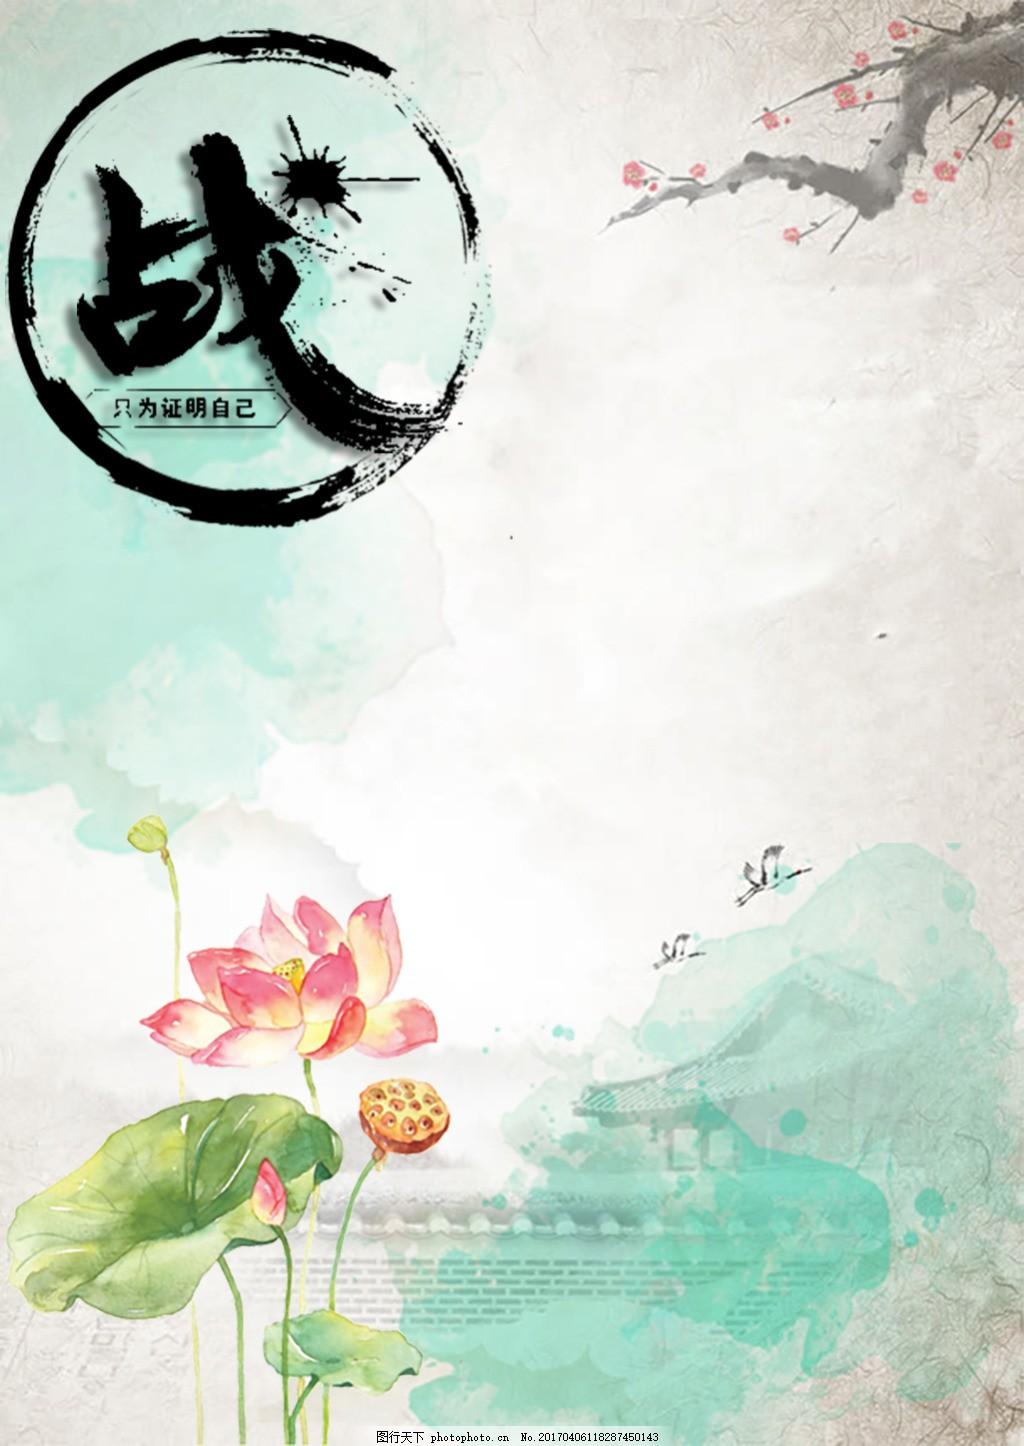 中国风荷花 中国风 荷花 战 毛笔字 中国字 书法 腊梅 水墨 古风